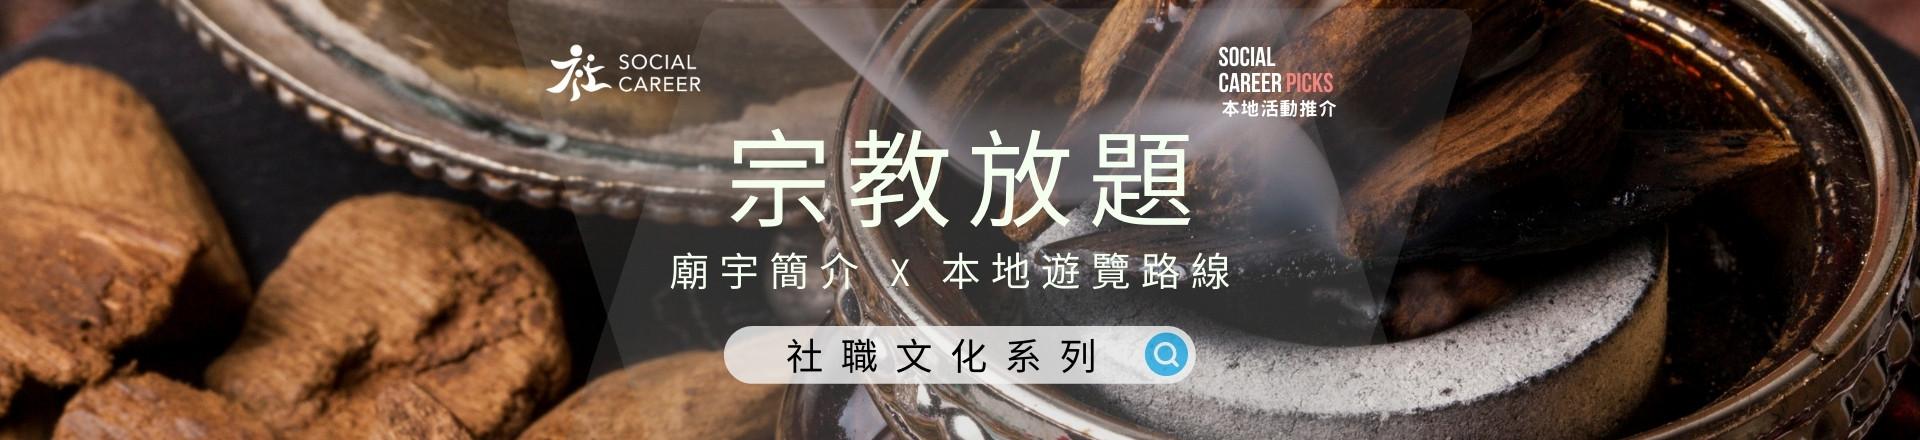 宗教放題 廟宇簡介 x 本地遊覽路線 社職文化系列.jpg